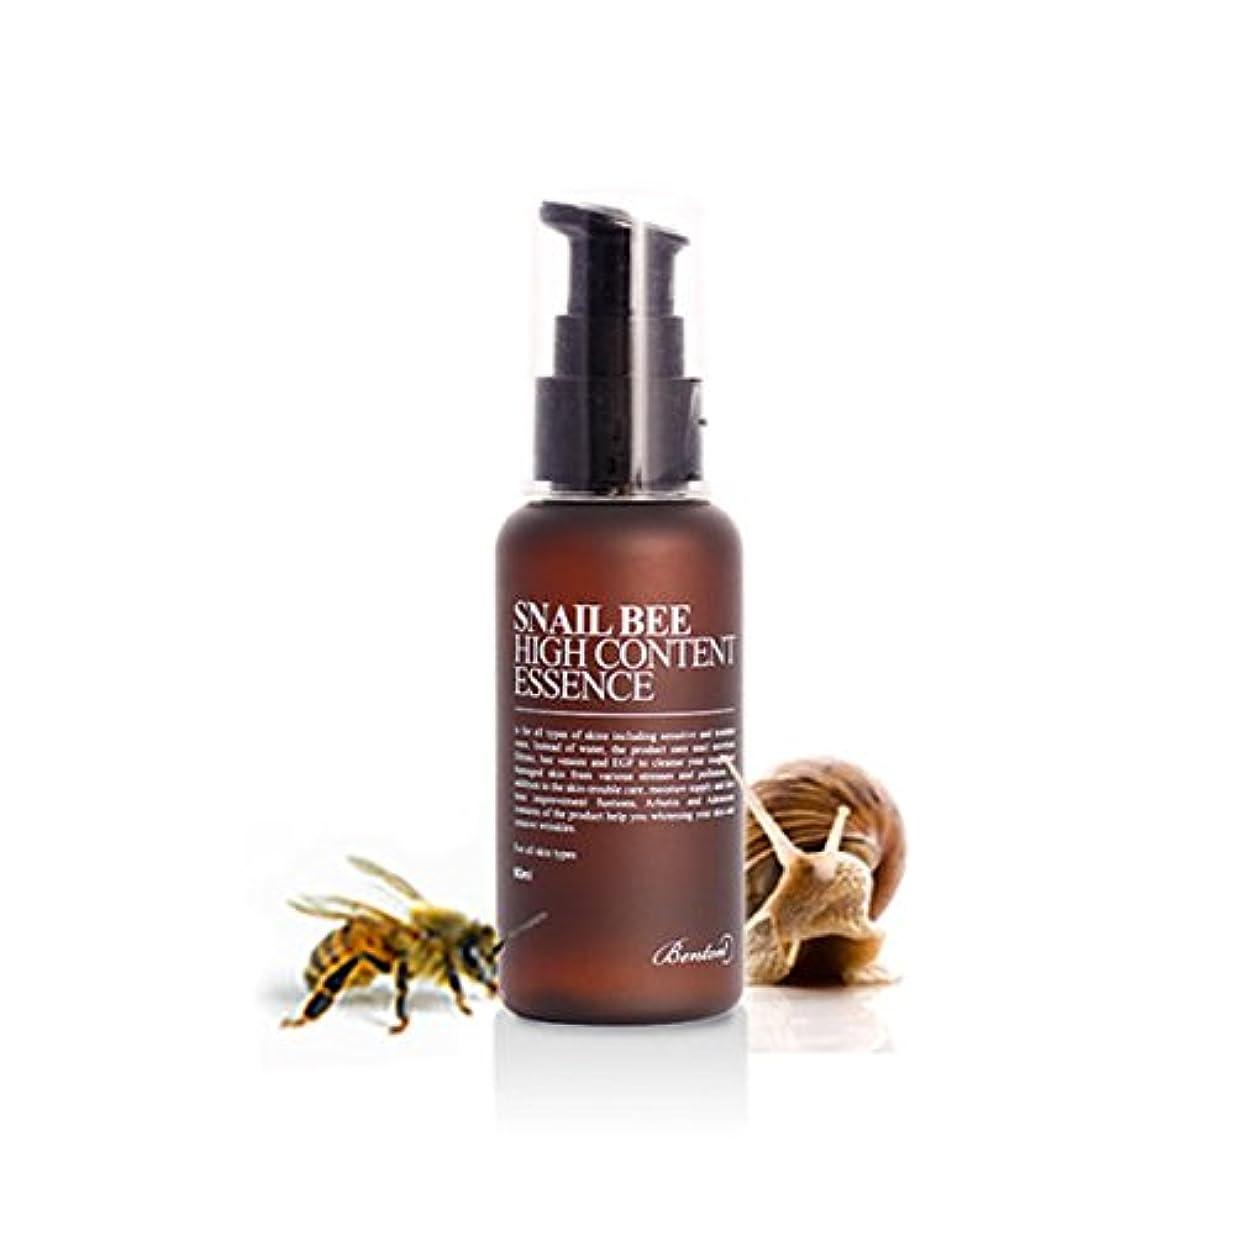 アパル不毛地味な[ベントン] Benton カタツムリ蜂ハイコンテンツエッセンス Snail Bee High Content Essence 60ml [並行輸入品]